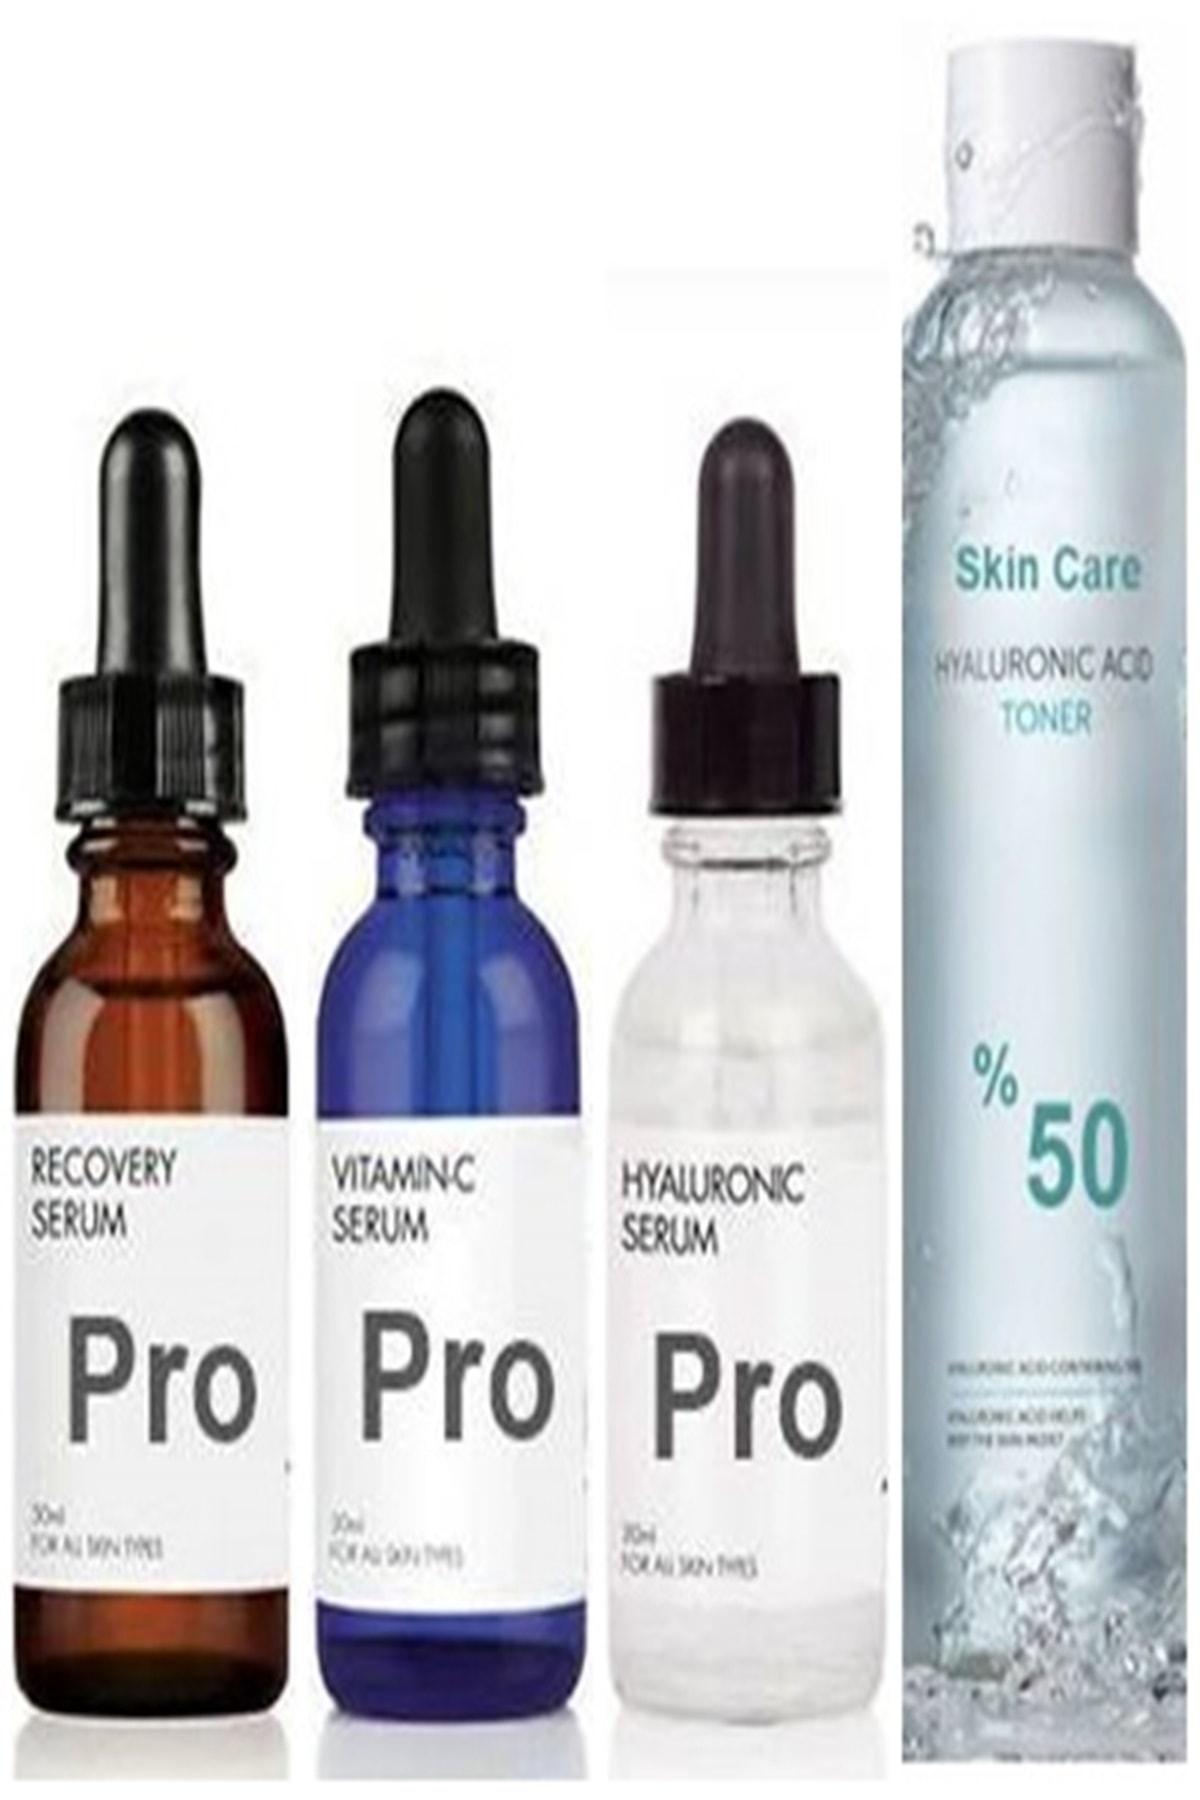 PRO Vitamin C-hyaluronic Asit-retinol Serum Set+skin Care Hyaluronic Acid Tonik 250ml 1